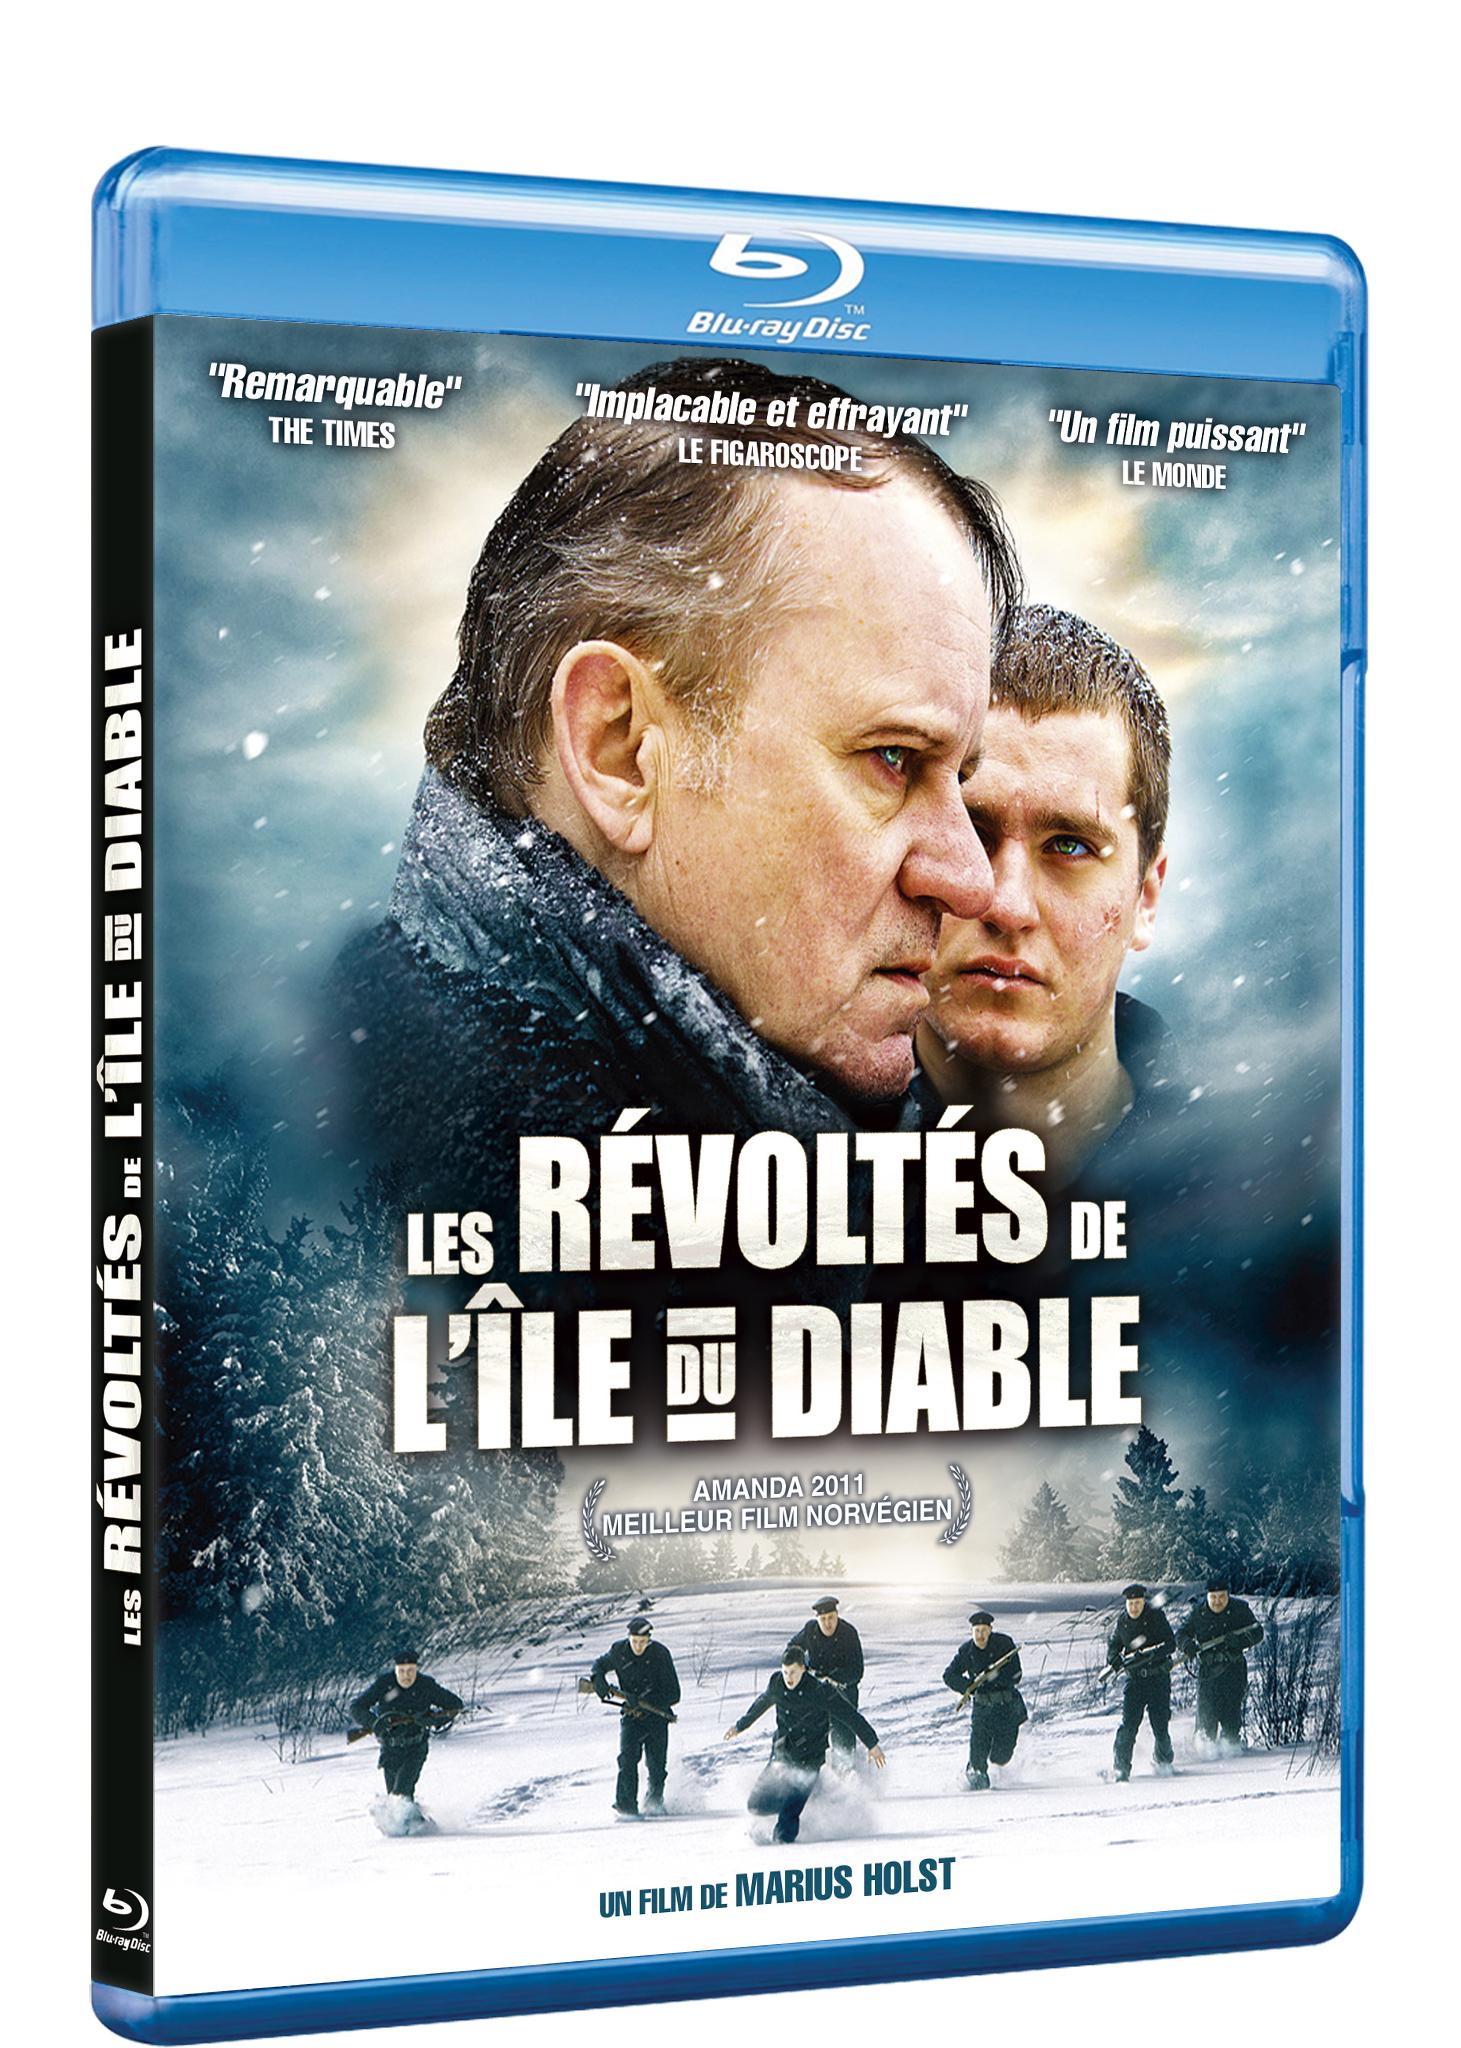 http://leschroniquesdecliffhanger.files.wordpress.com/2012/11/3d-bluray-les-revoltes.jpg